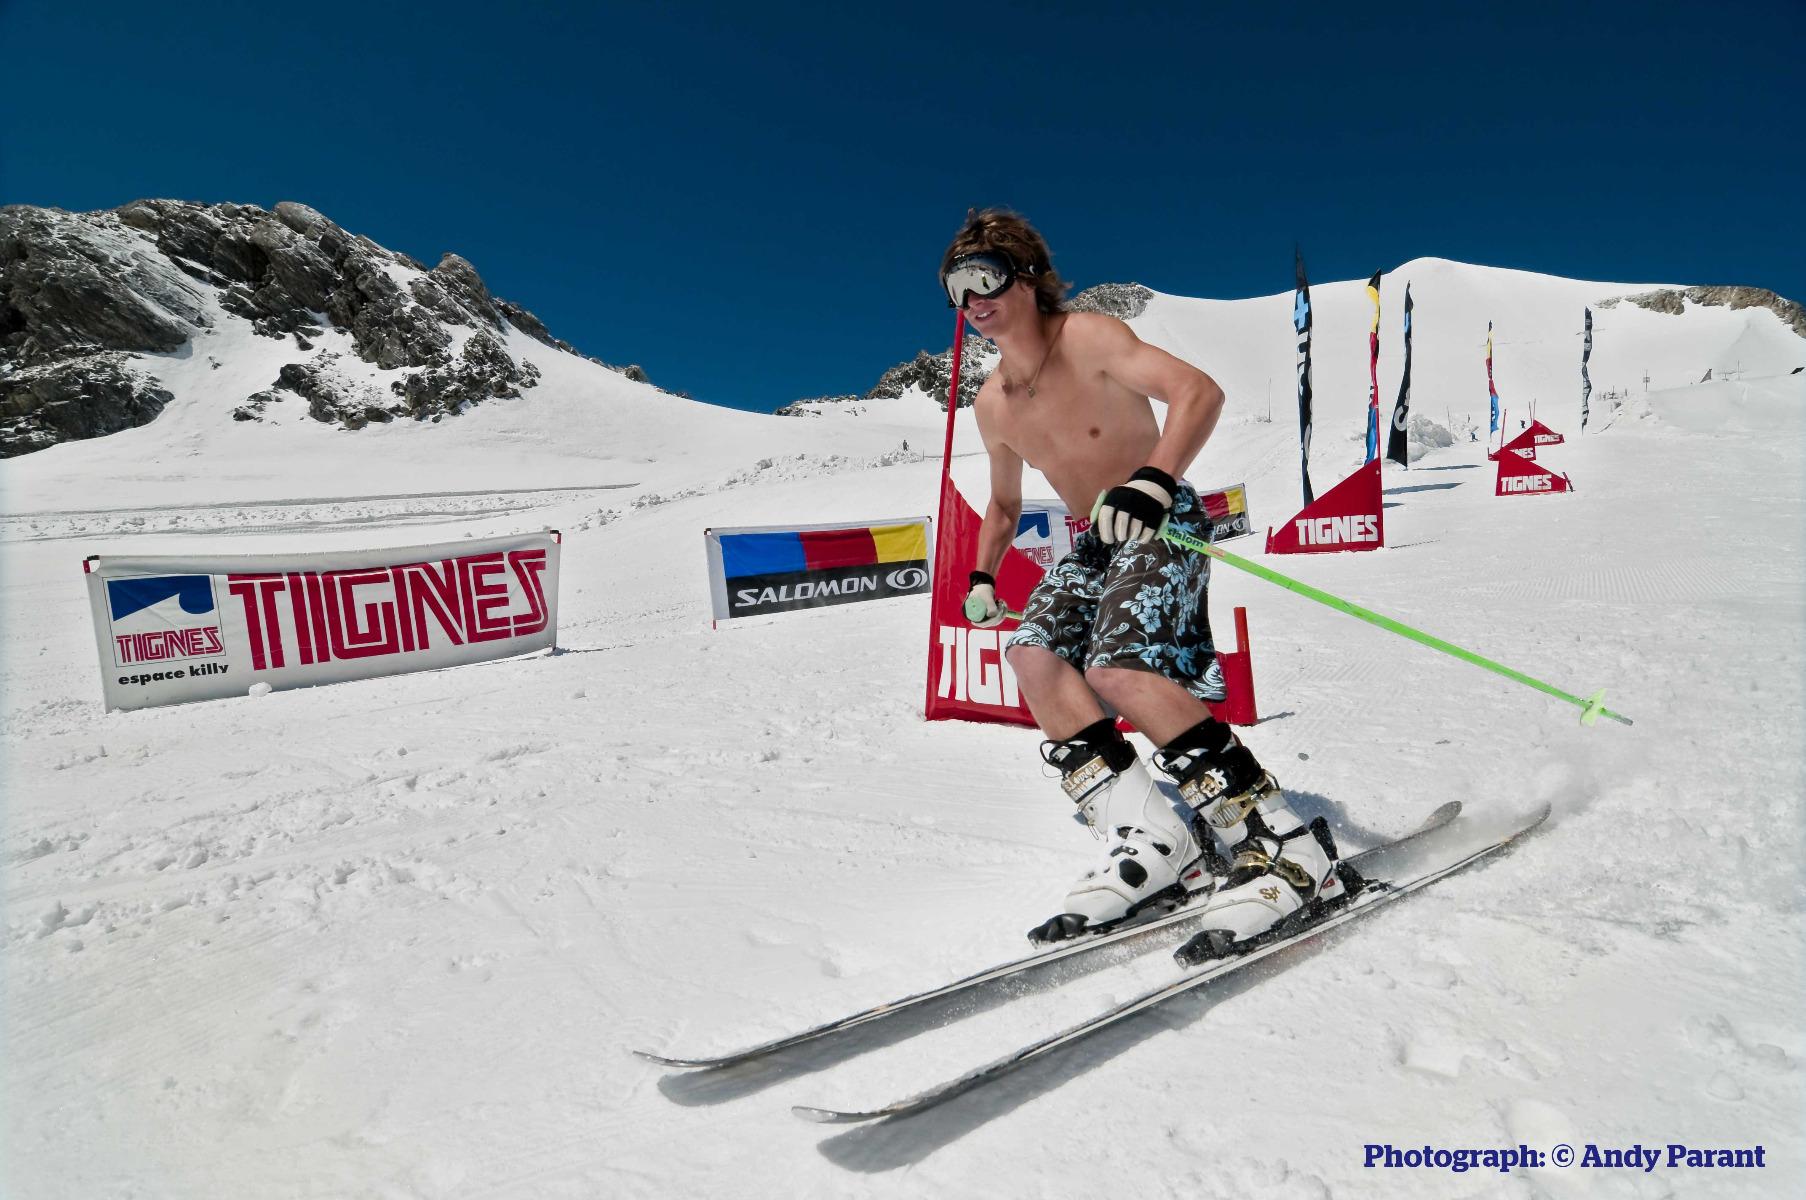 Letní lyžařské středisko na Grande Motte, Tignes, Francie